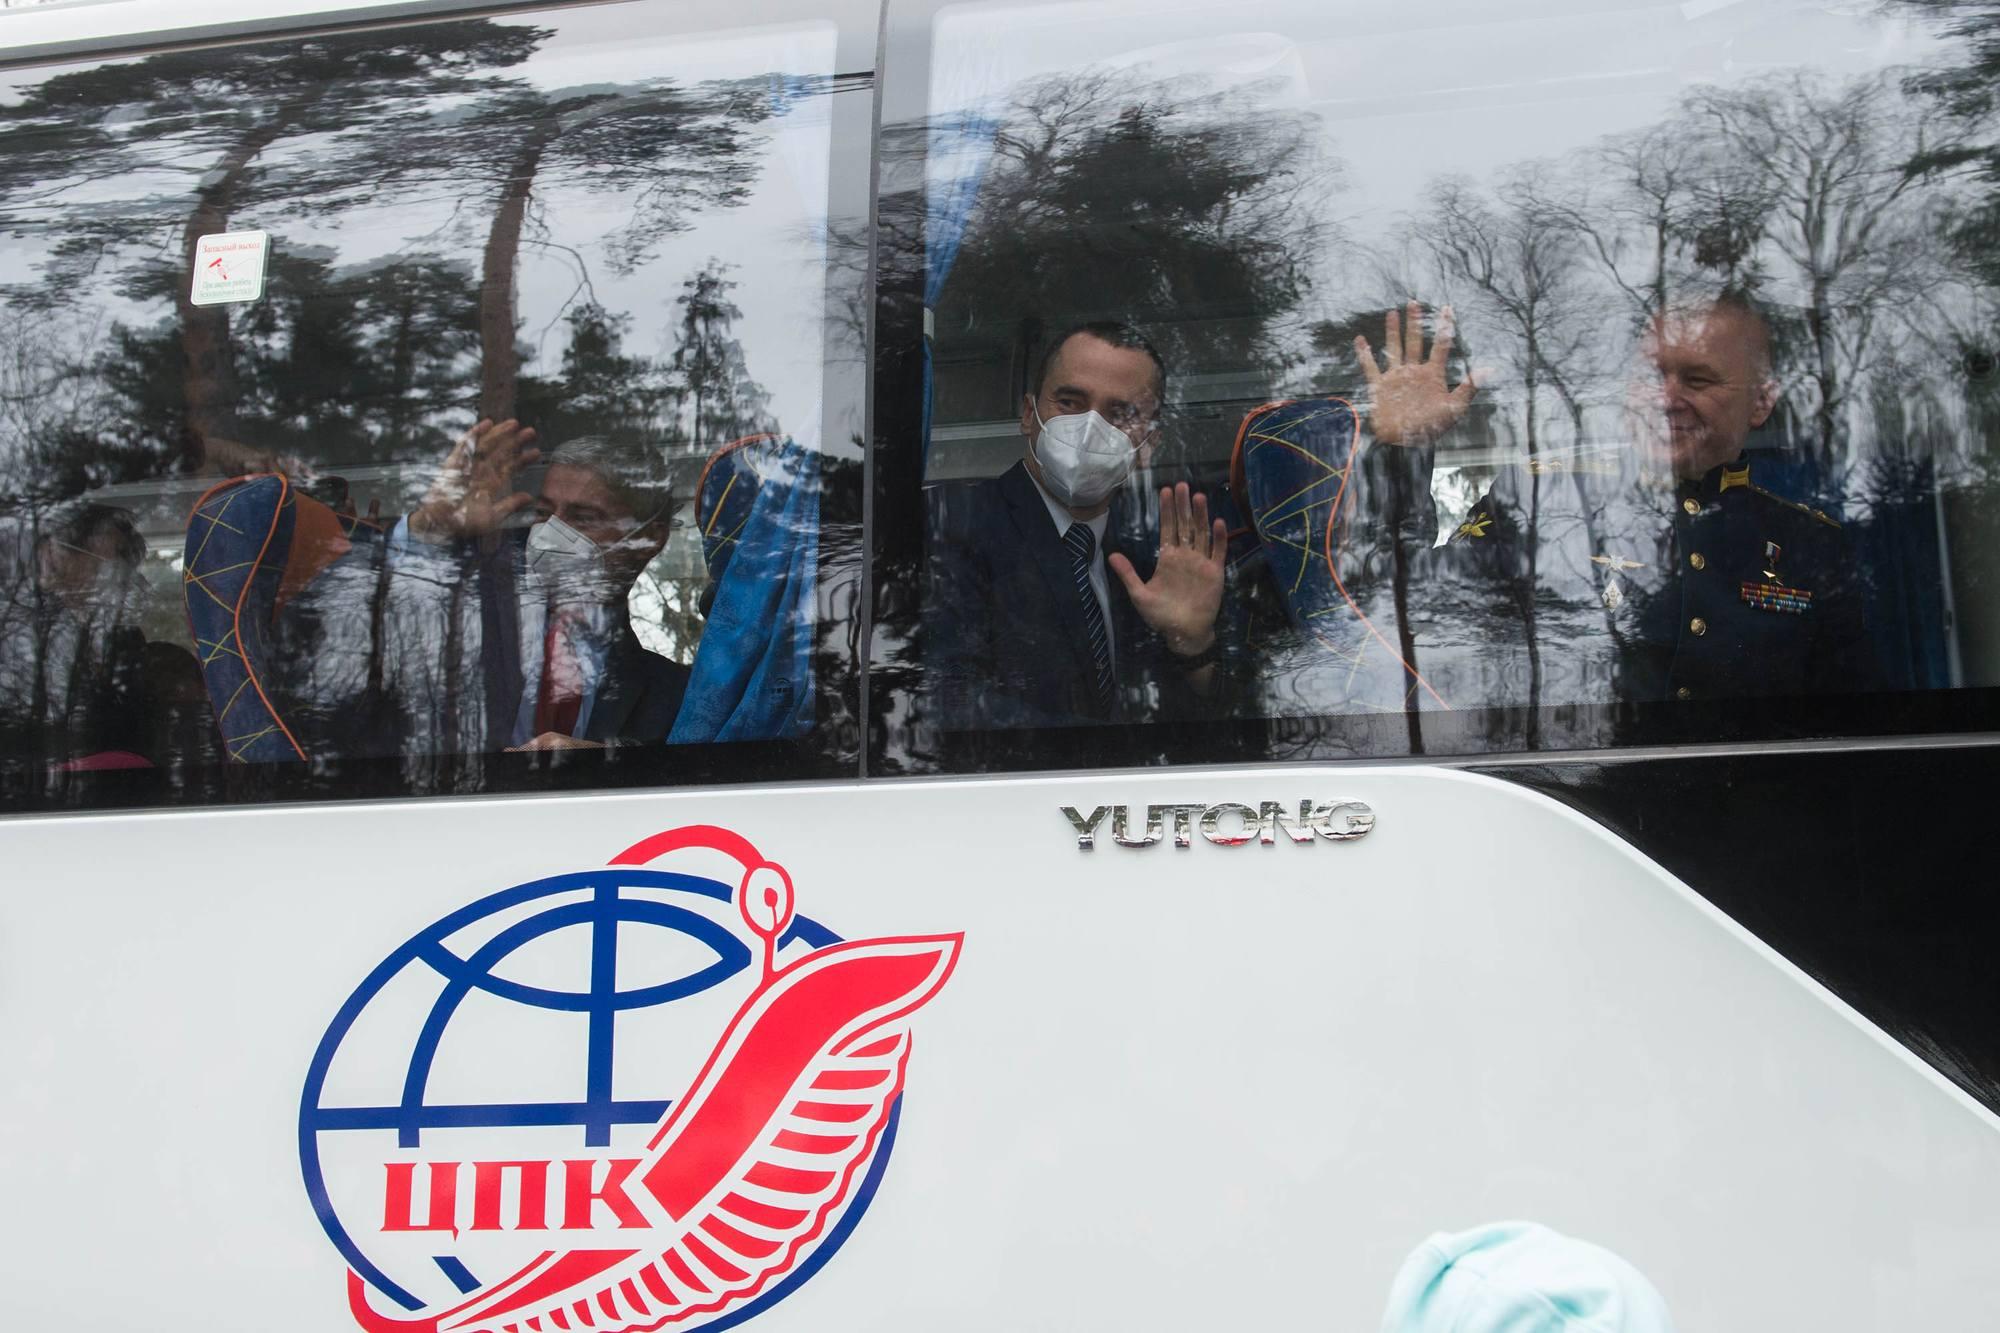 L'équipage principale salue les proches à travers les vitres du bus du TsPK.